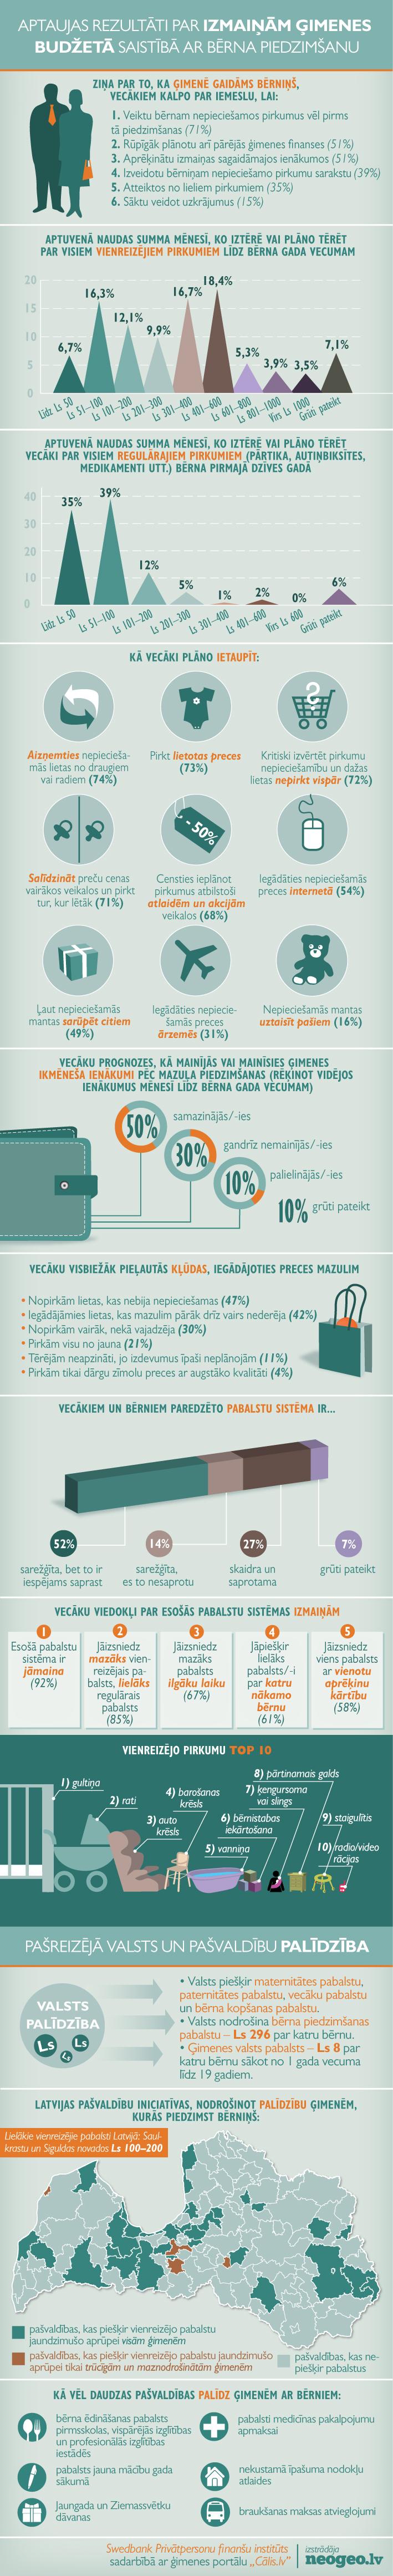 Infografika: Aptaujas rezultāti par izmaiņām ģimenes budžetā pēc bērniņa piedzimšanas